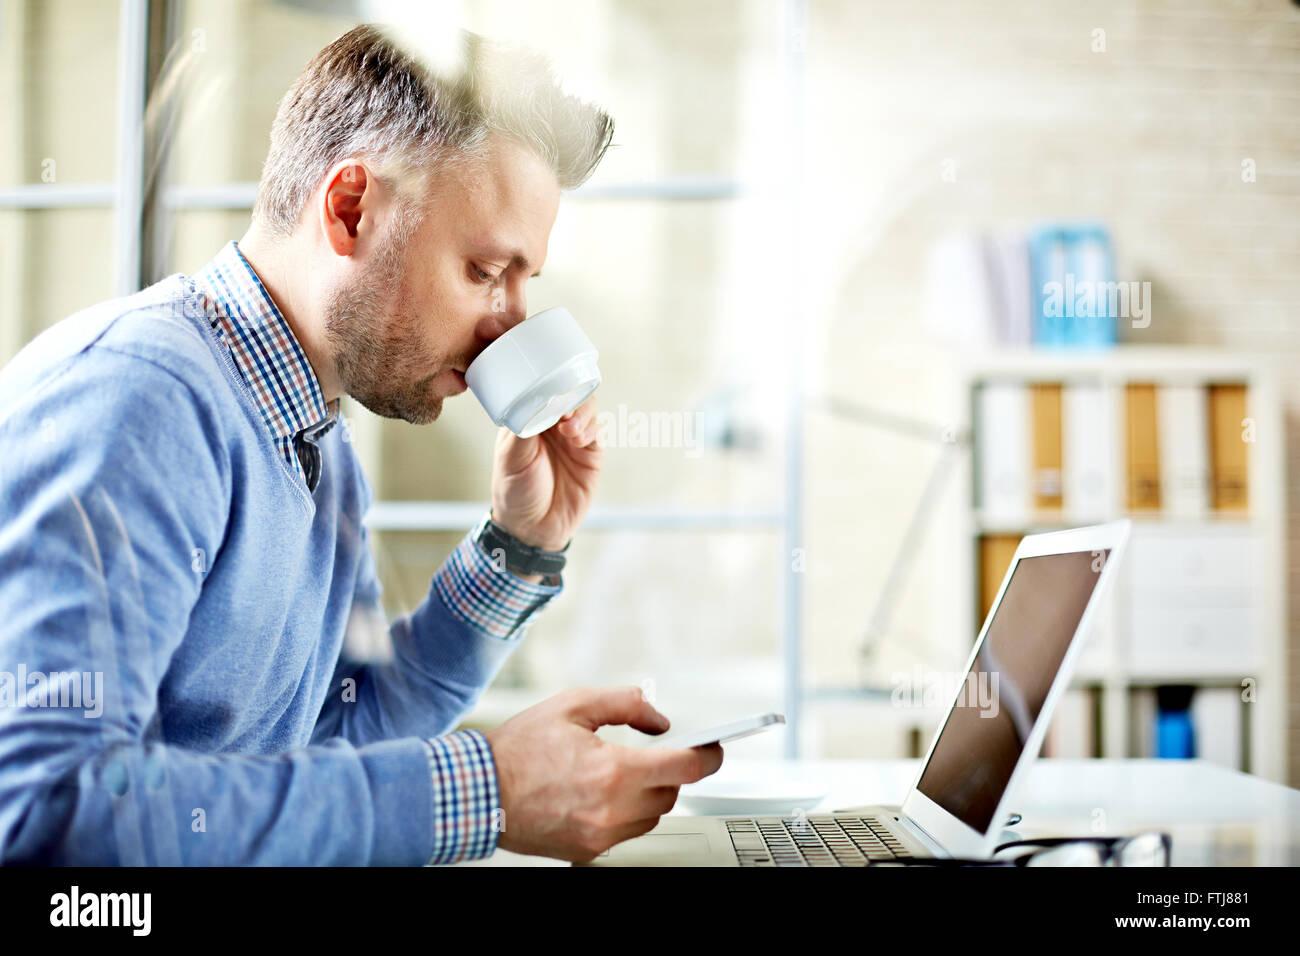 Modern employee - Stock Image